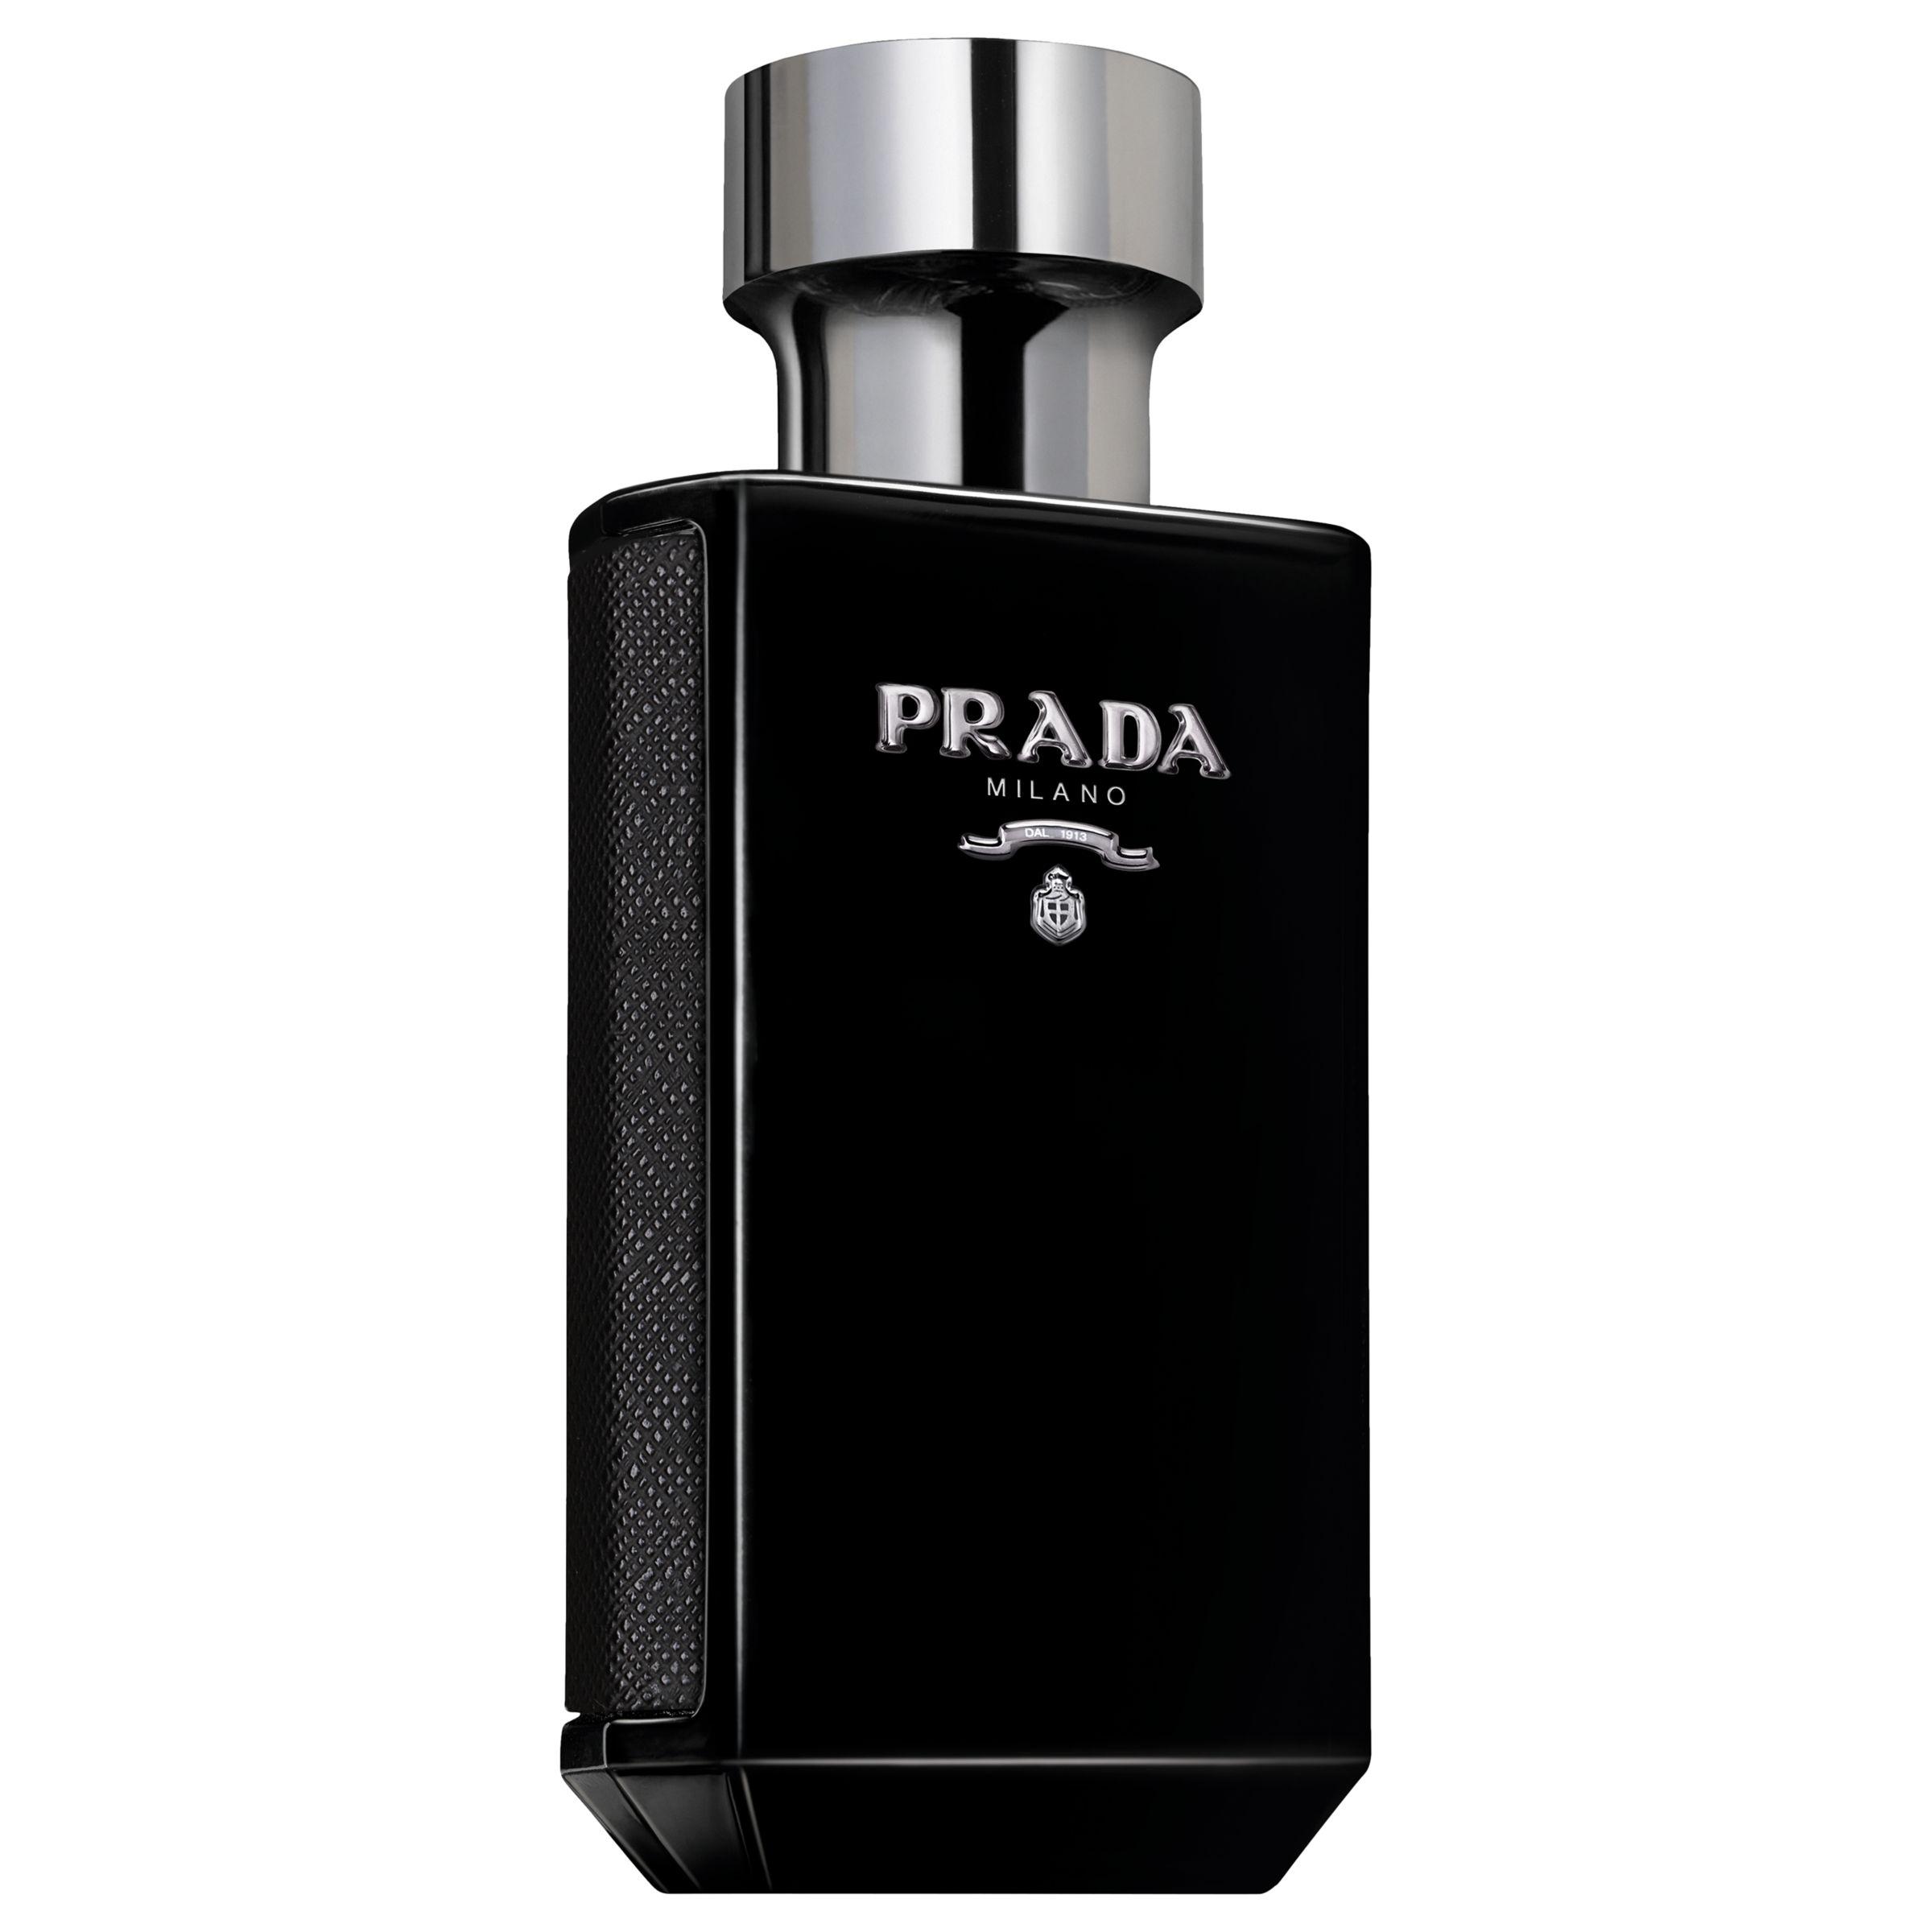 Prada Lhomme Intense Eau De Parfum At John Lewis Partners